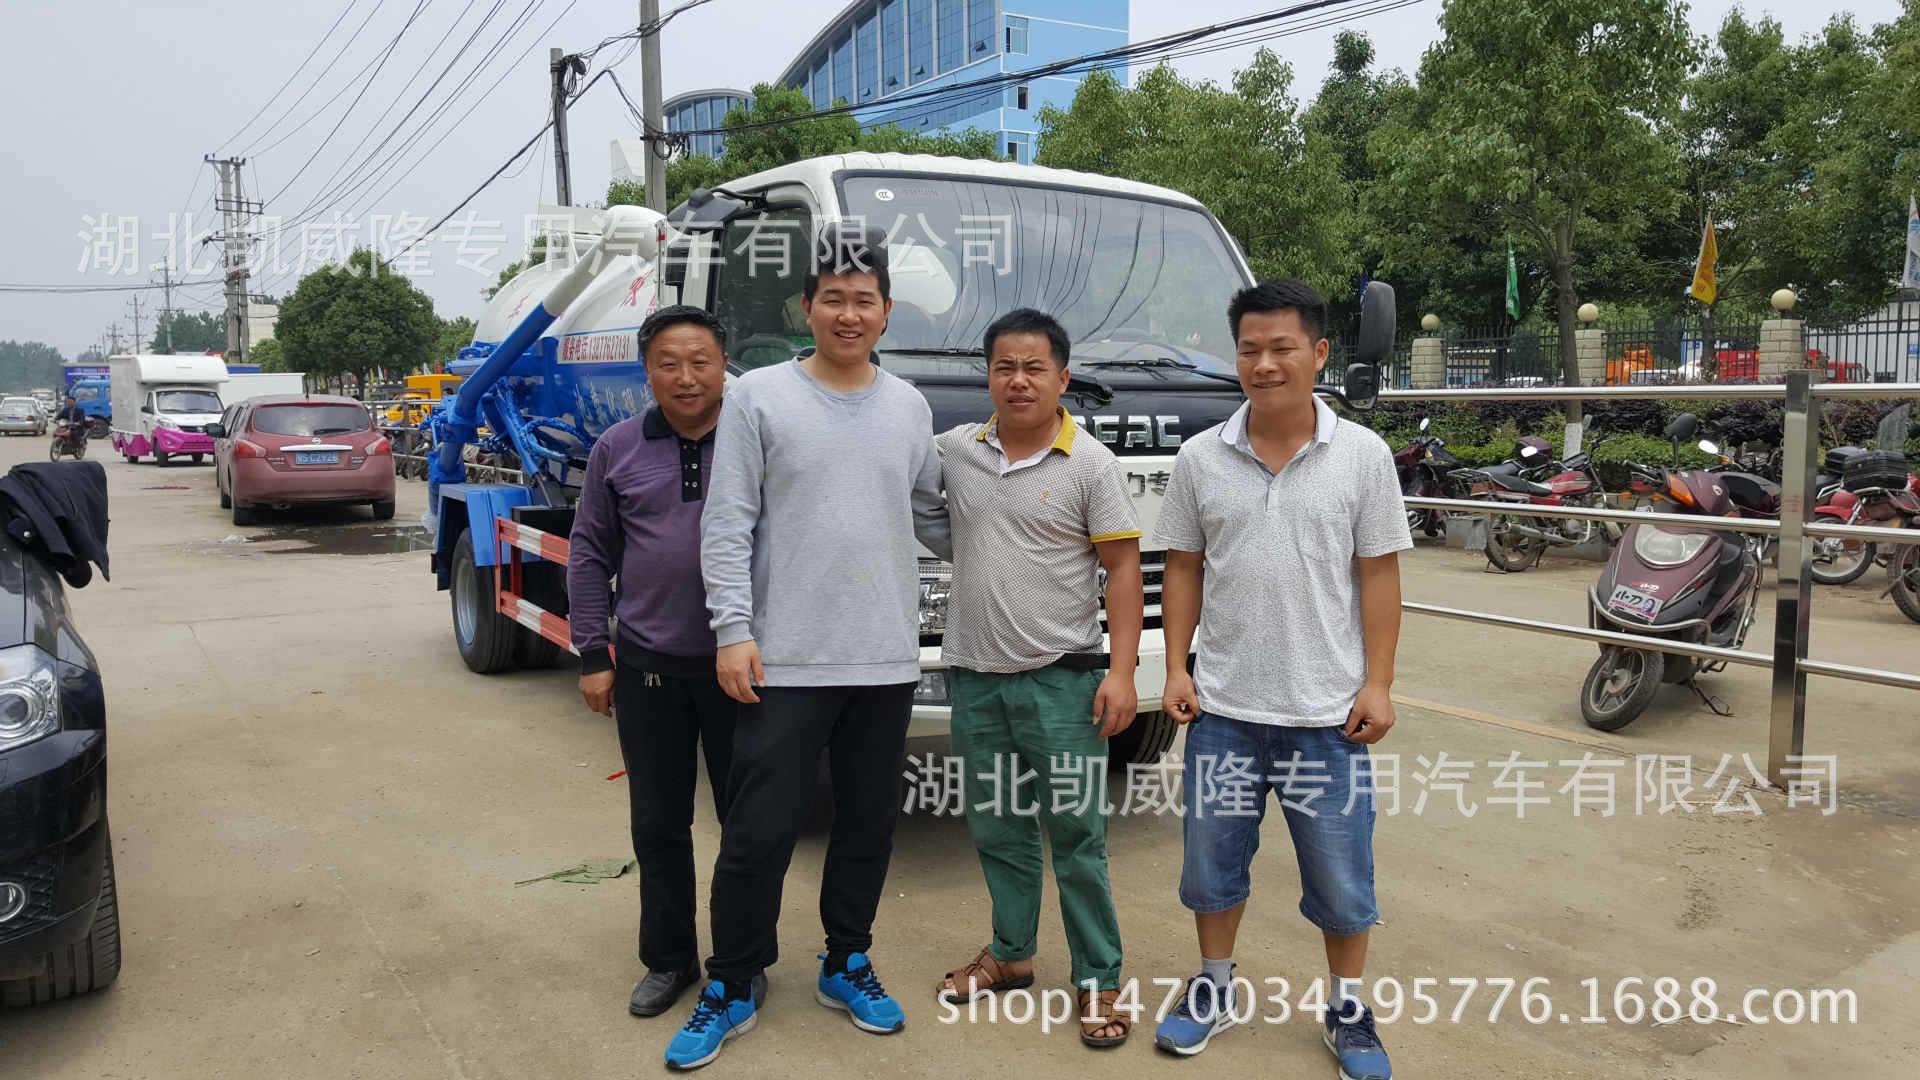 2016.5.9广西百色农总购买的吸污车